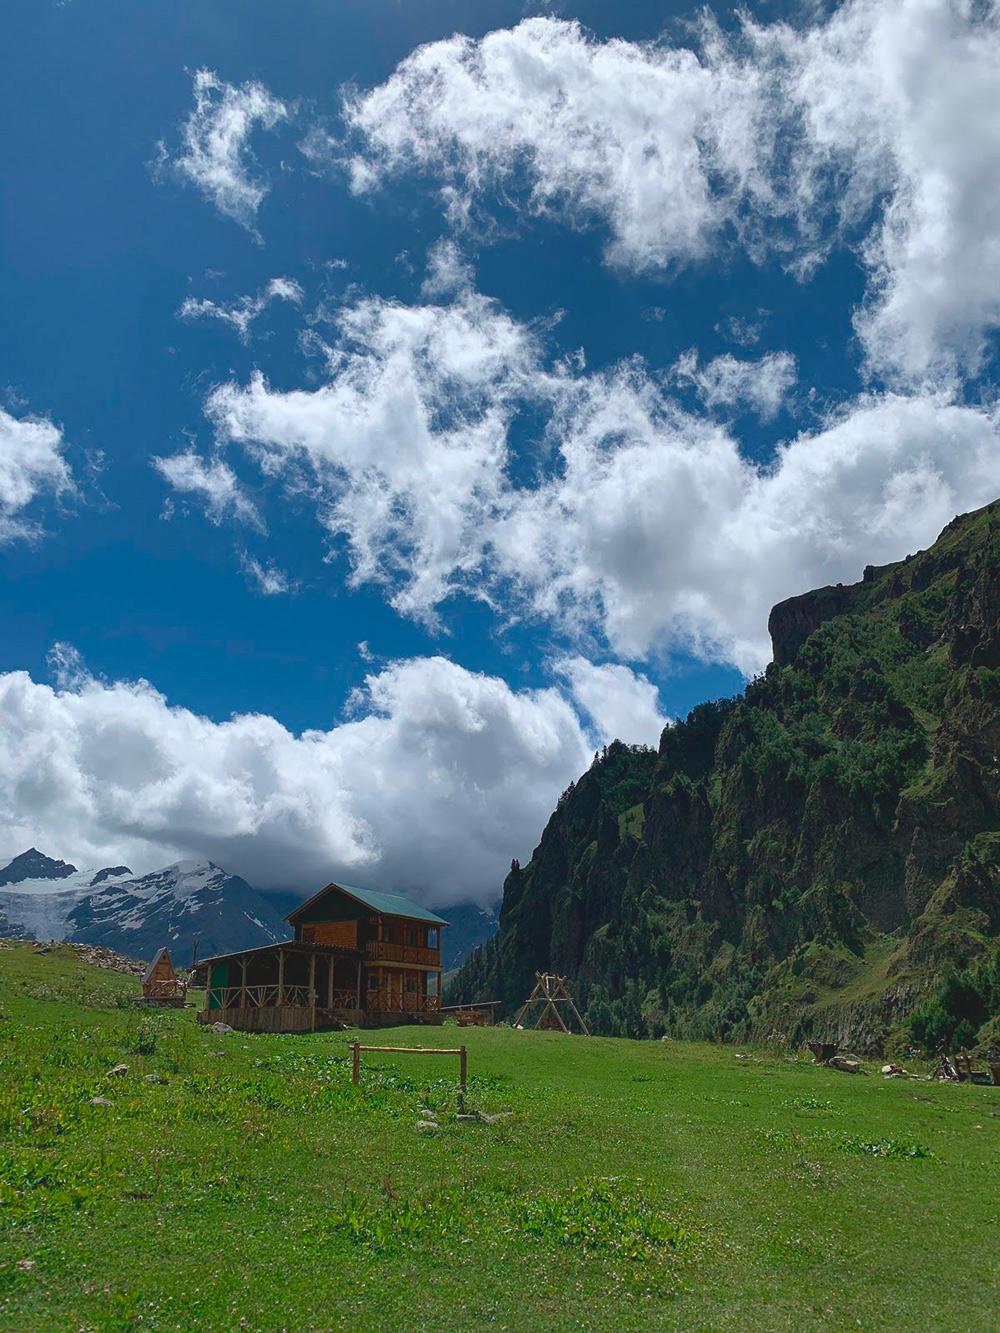 По-моему, пейзажи в Приэльбрусье не хуже альпийских